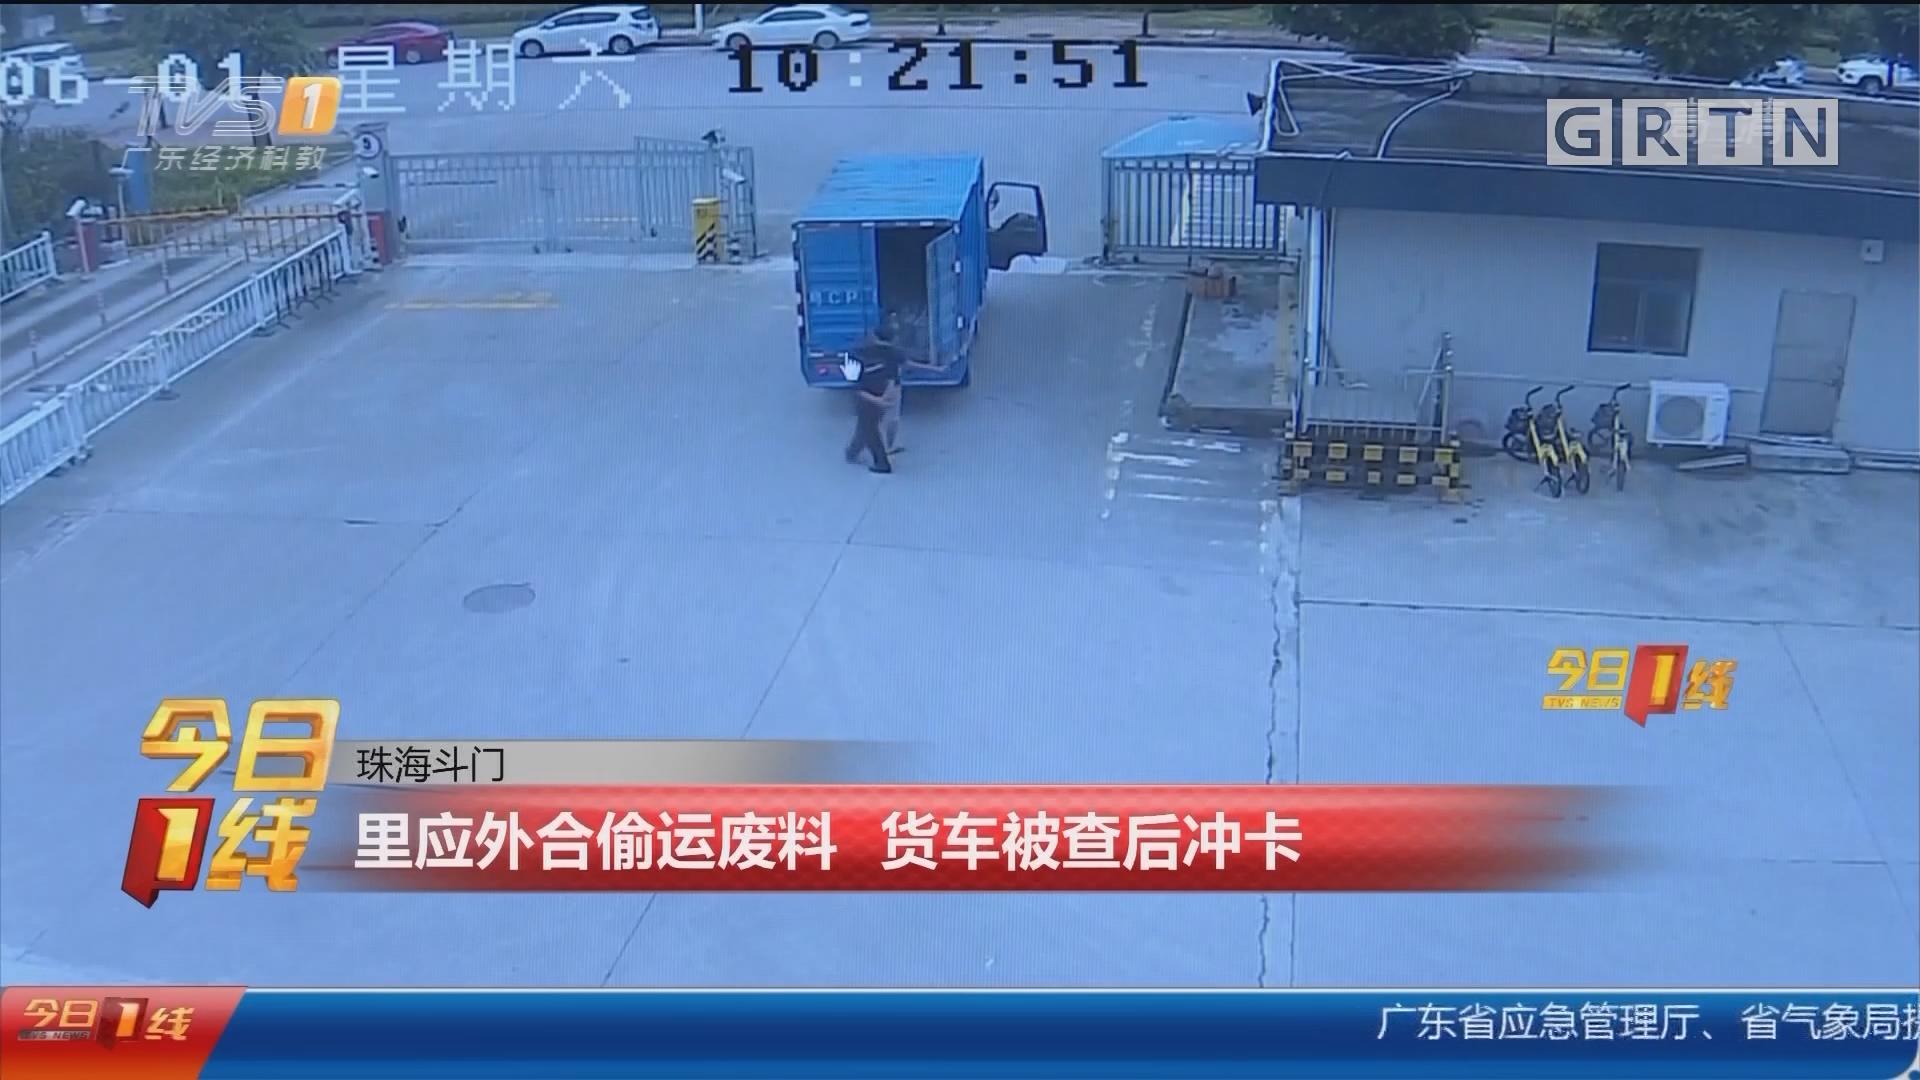 珠海斗门:里应外合偷运废料 货车被查后冲卡